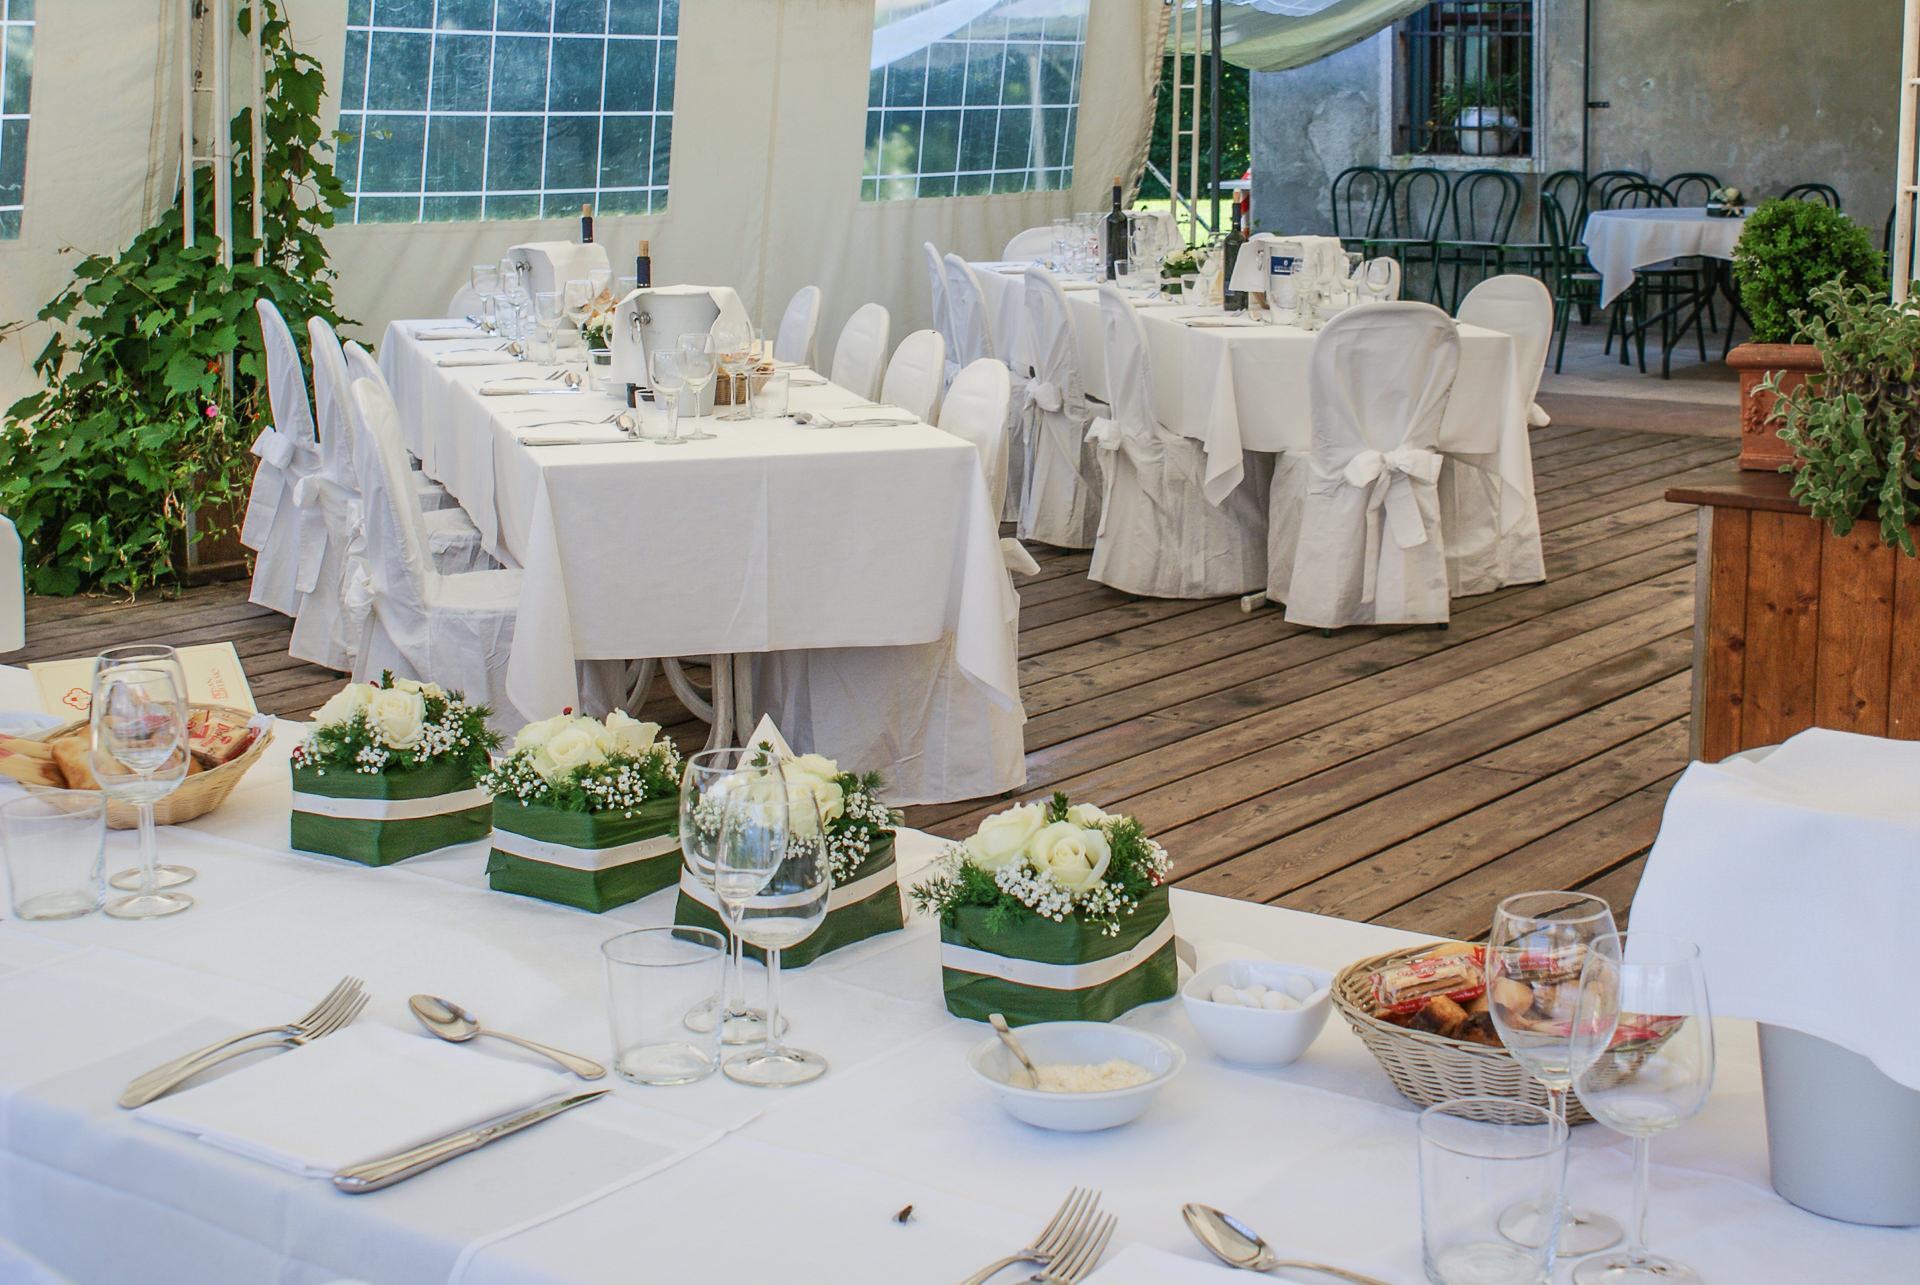 Ristorante san fermo a feltre belluno ideale per cerimonie e matrimoni - Organizzare cucina ristorante ...